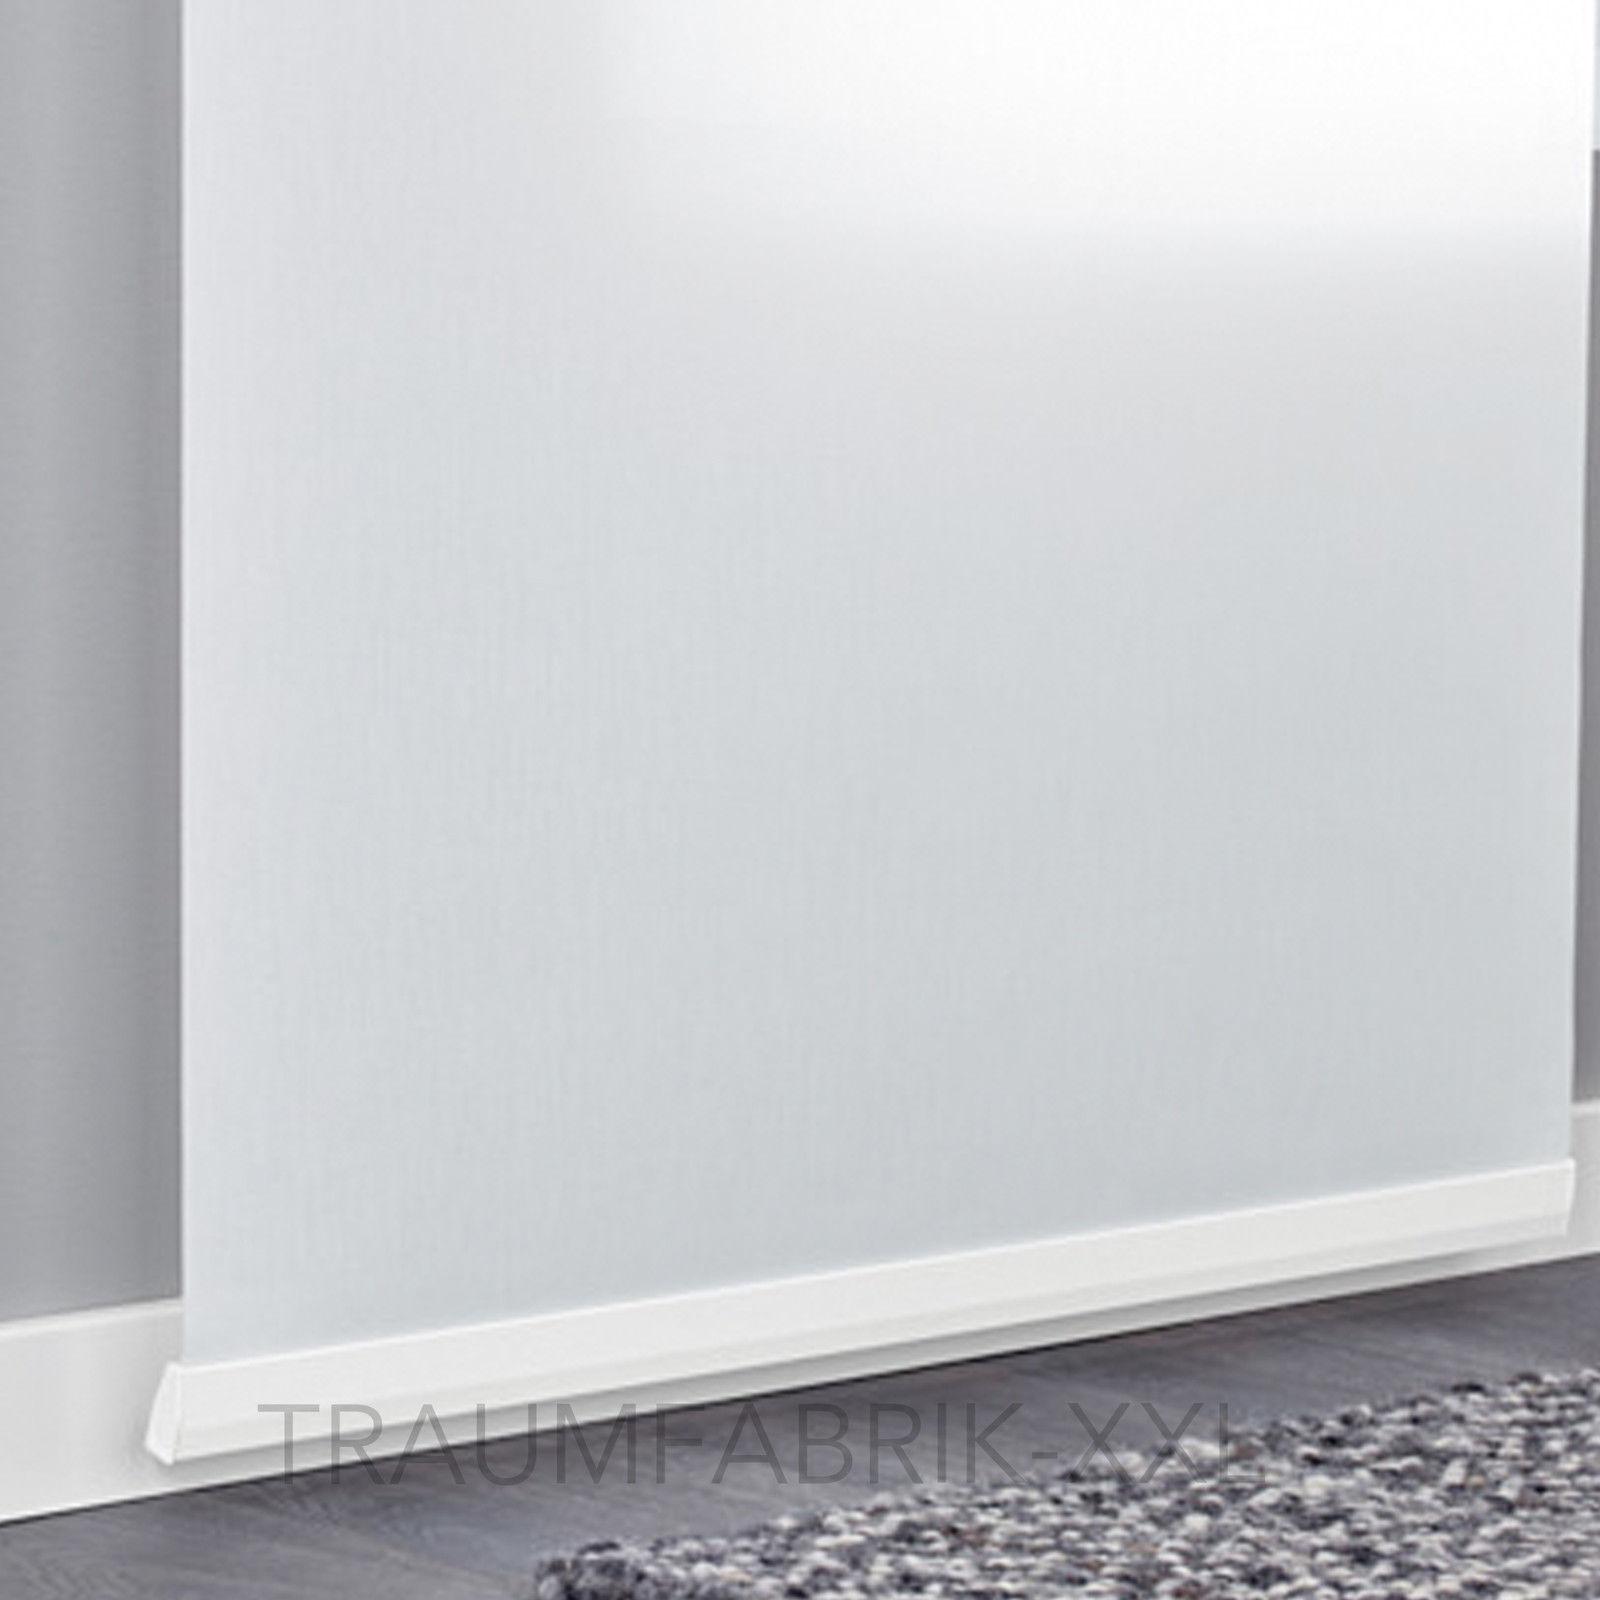 ikea vidga laufleiste mit beschwerung f r schiebegardinen. Black Bedroom Furniture Sets. Home Design Ideas